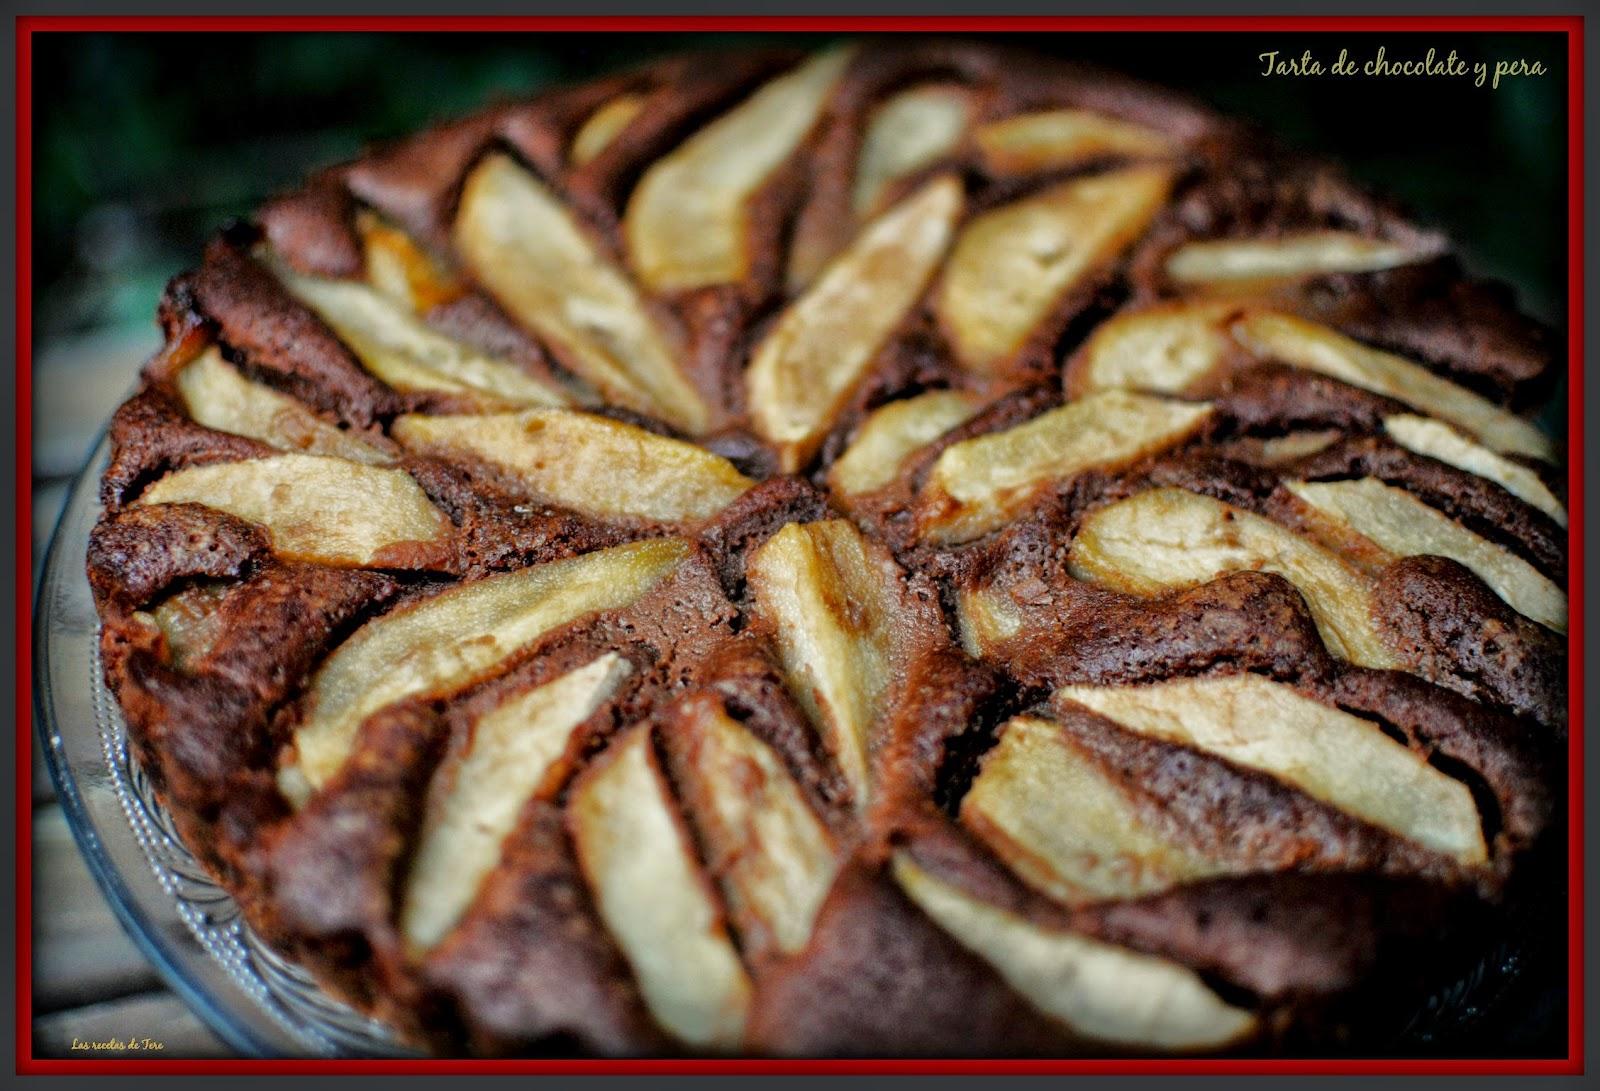 tarta de chocolate y pera tererecetas 02